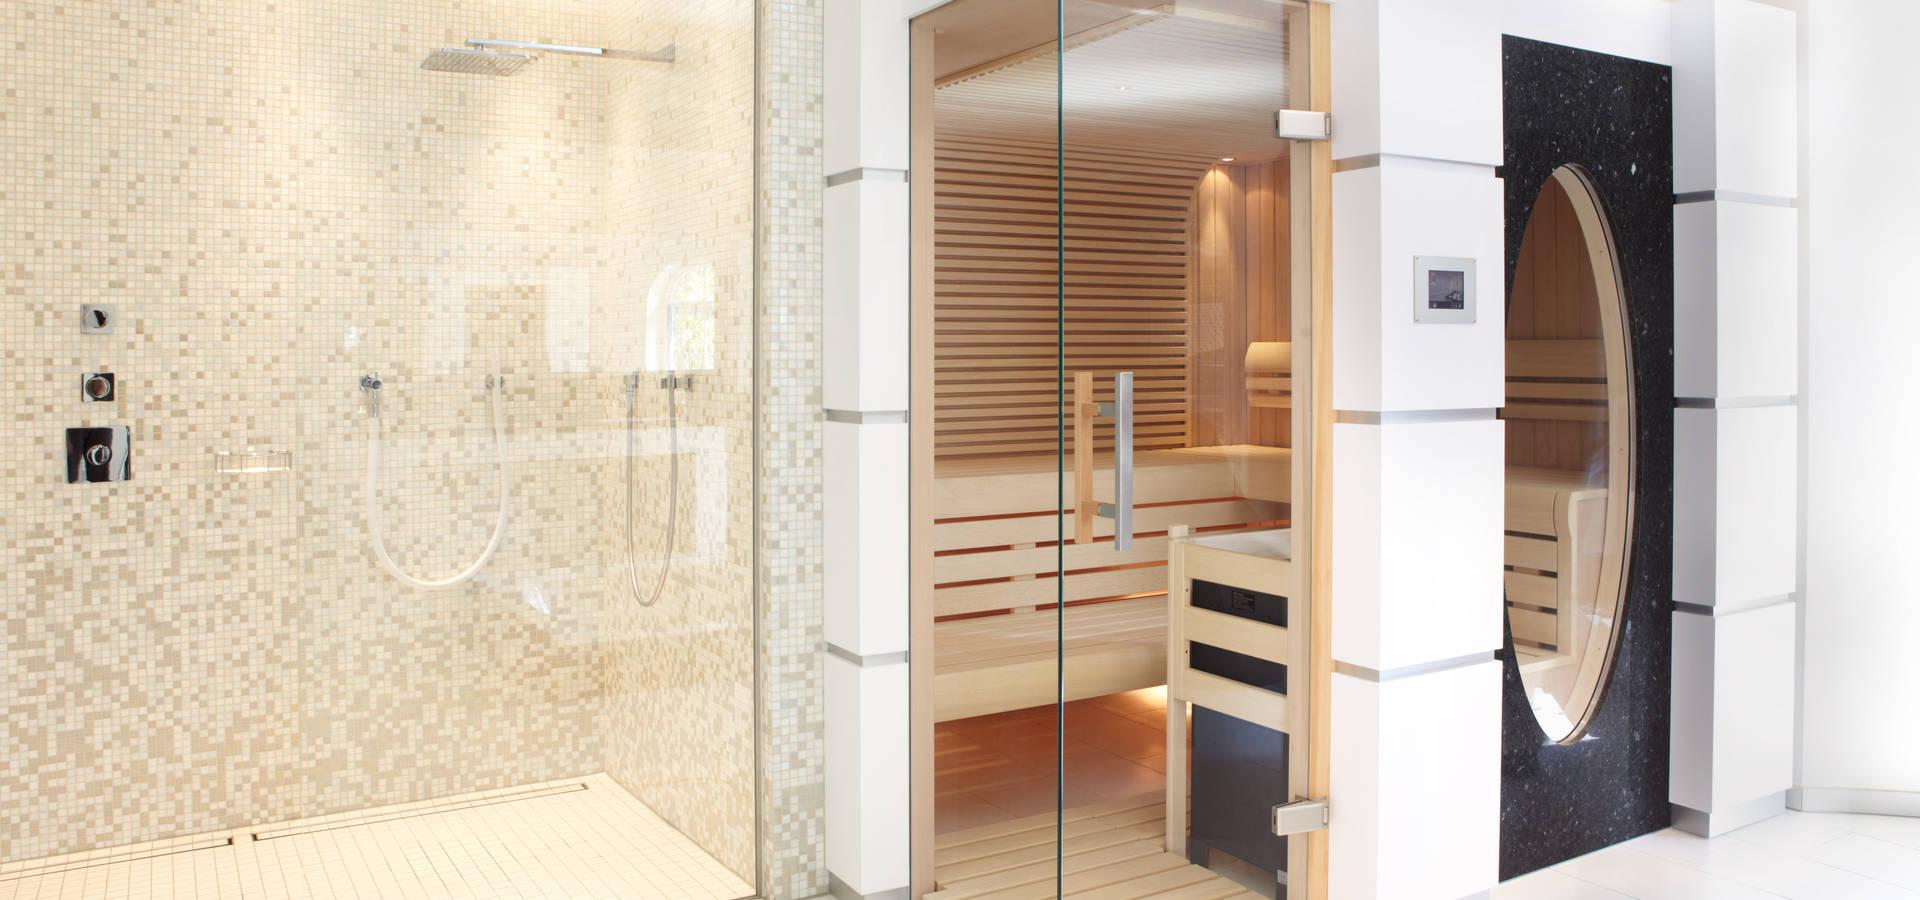 wellness oase mit sauna in einer dachschr ge von erdmann exklusive saunen homify. Black Bedroom Furniture Sets. Home Design Ideas